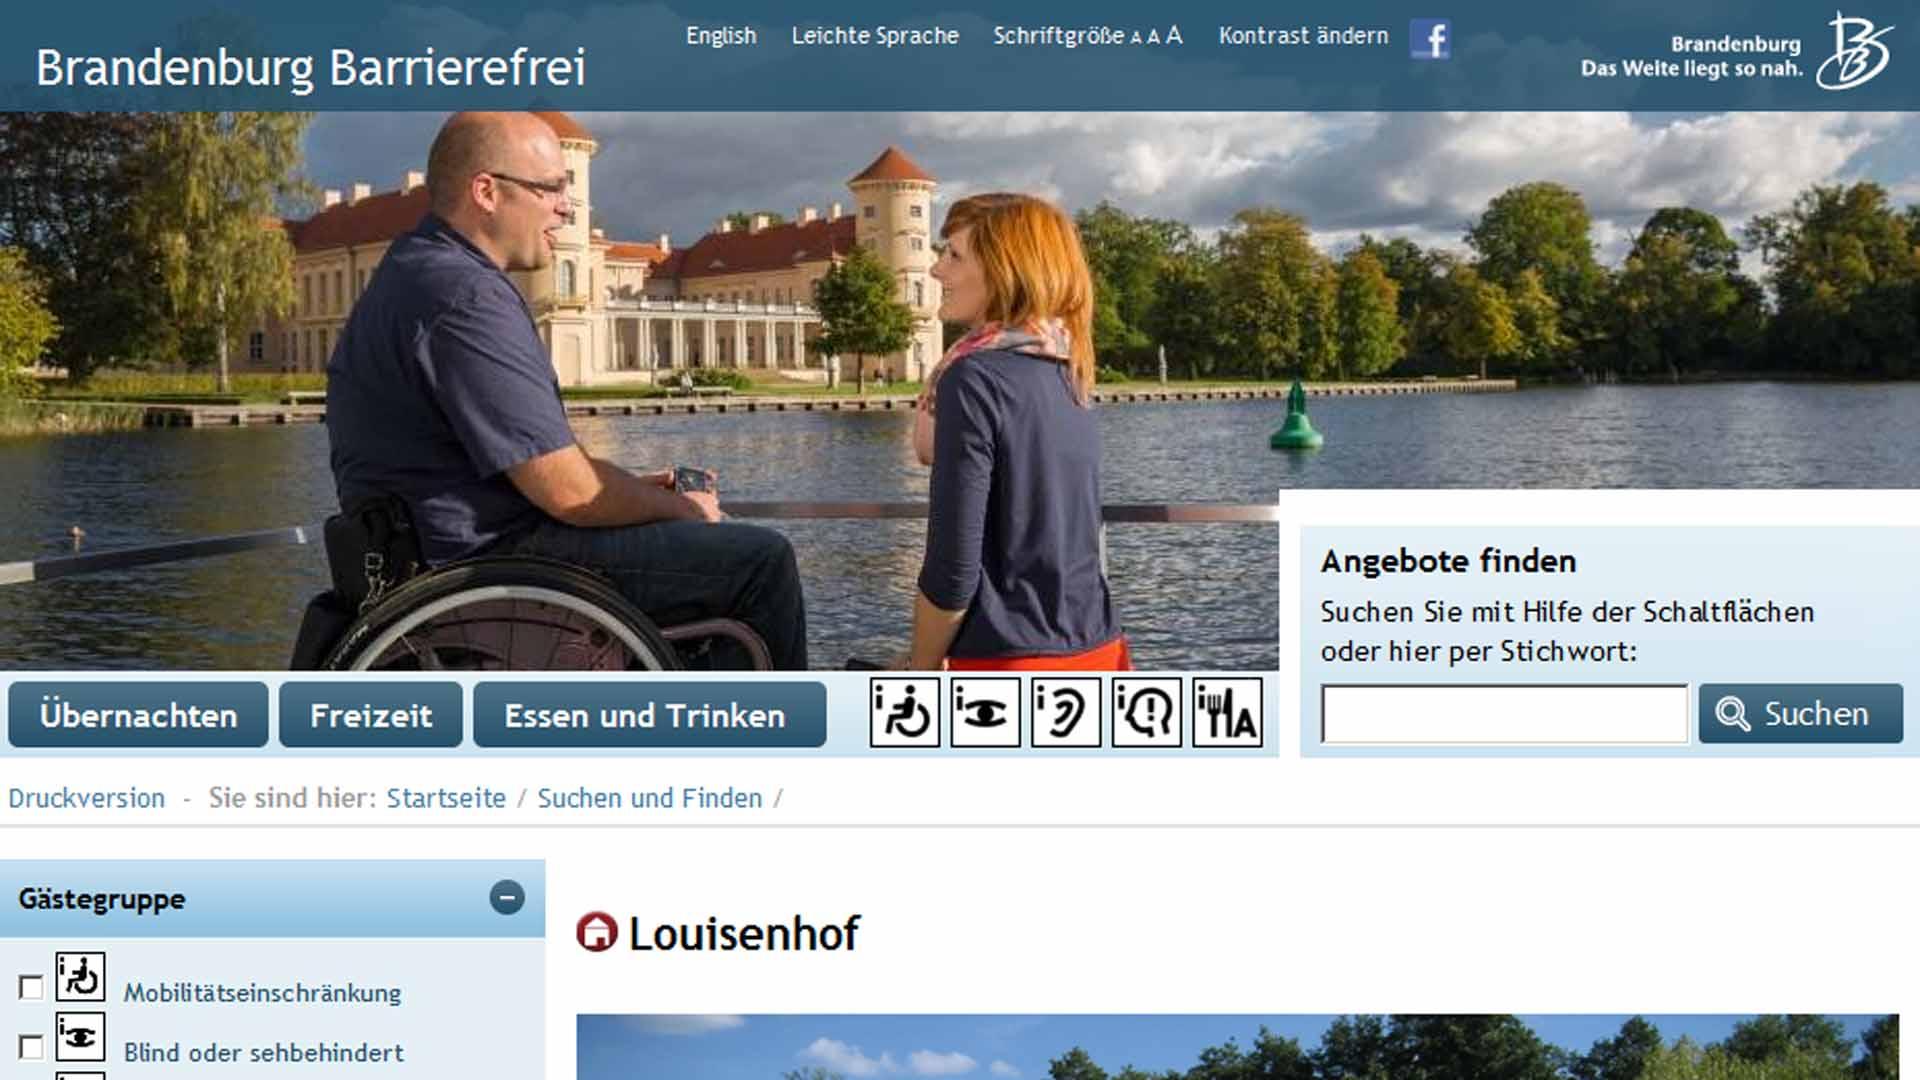 Brandenburgische Tourismustage Barrierefrei